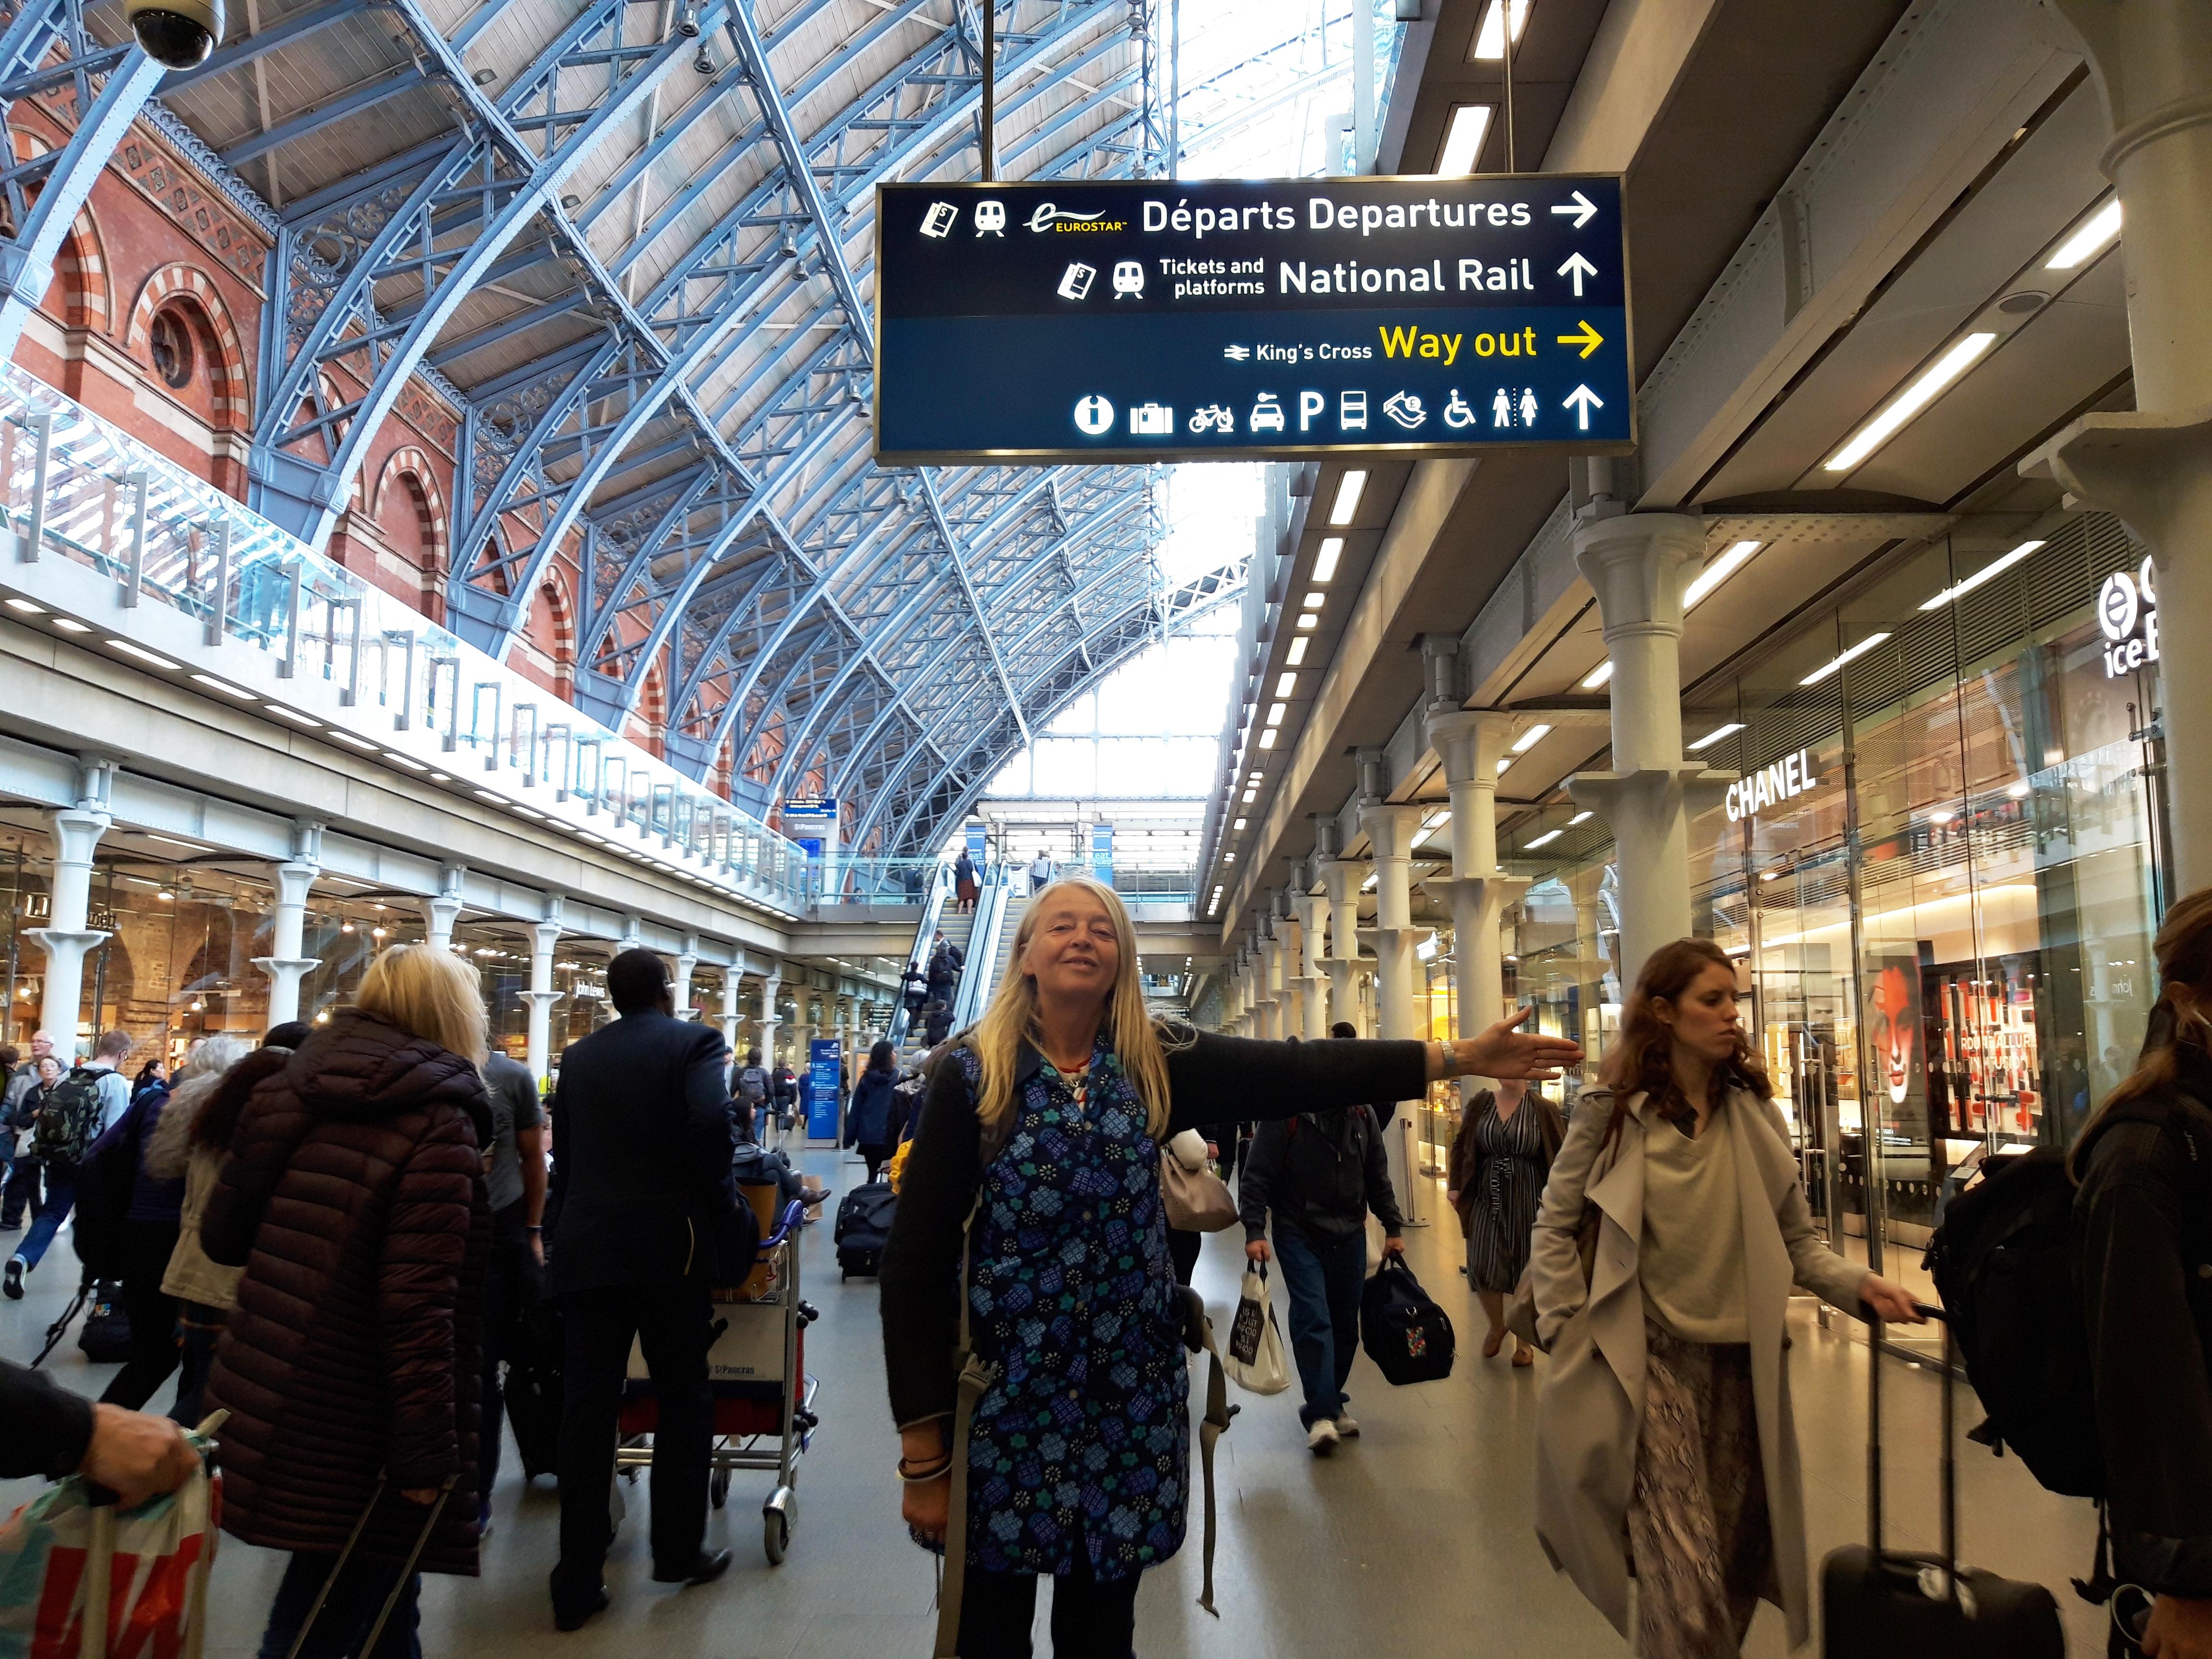 CZeiske leaving UK on Eurostar